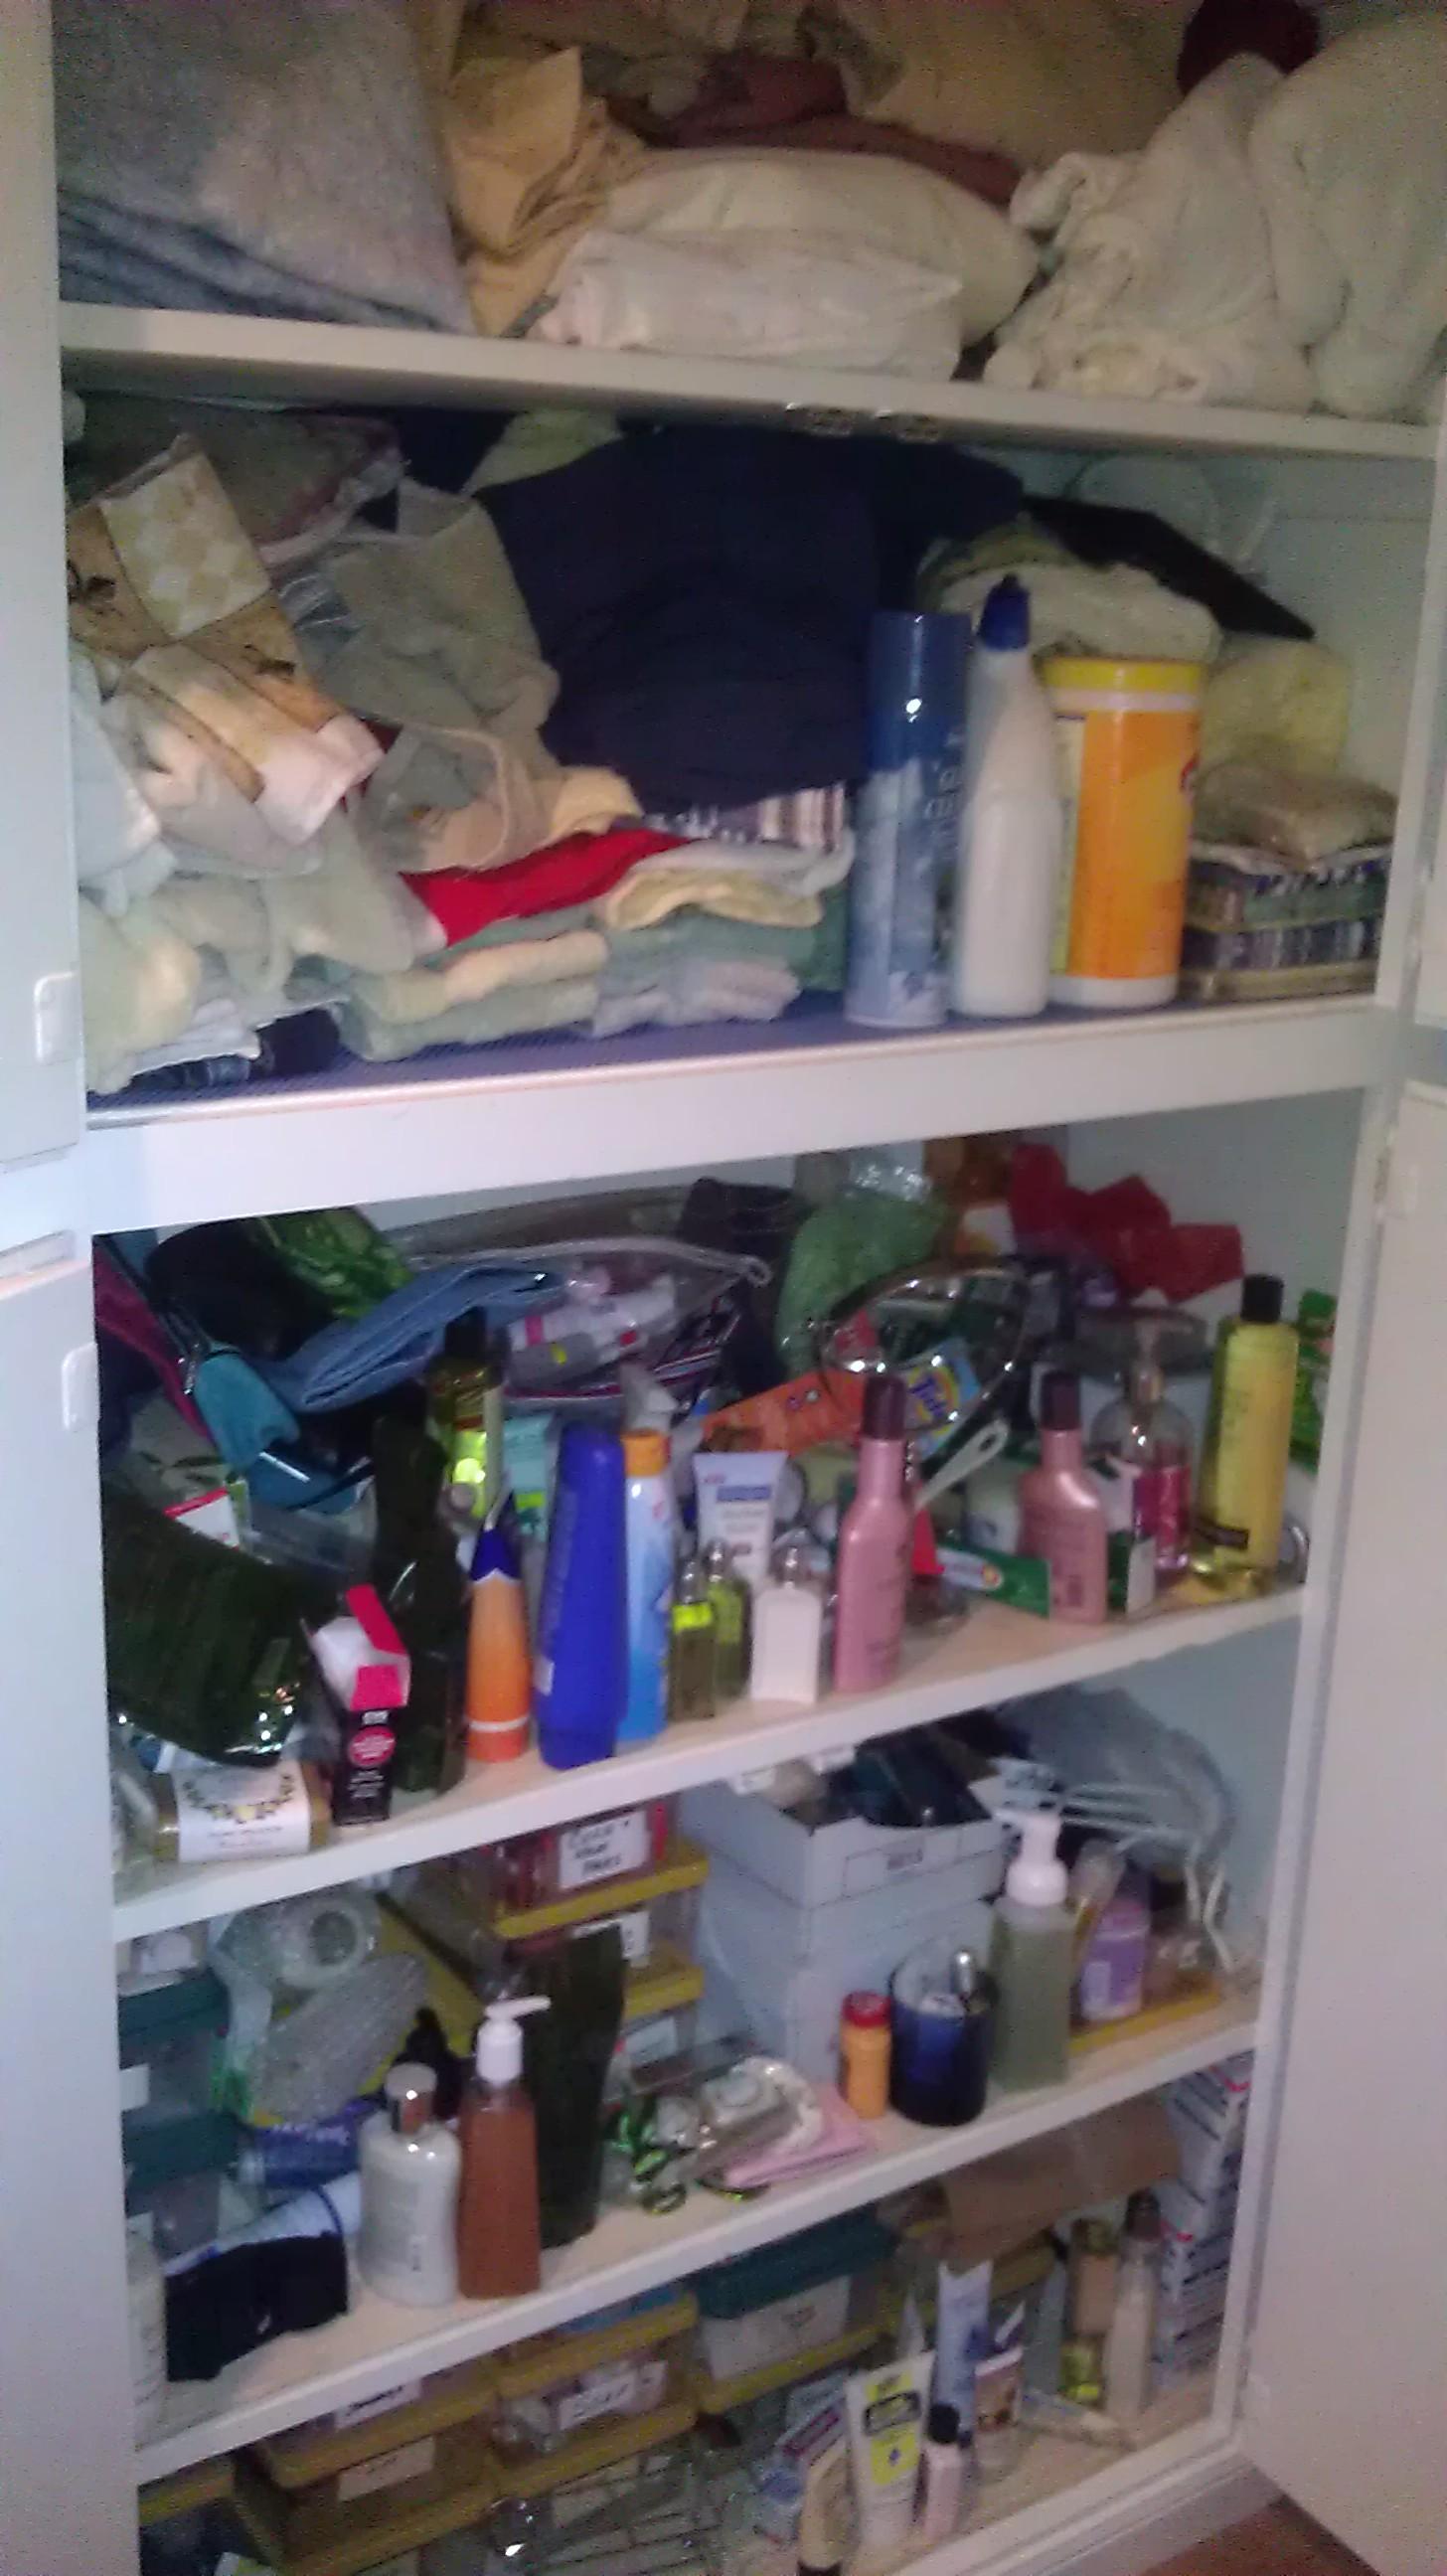 How to organize an overflowing linen closet